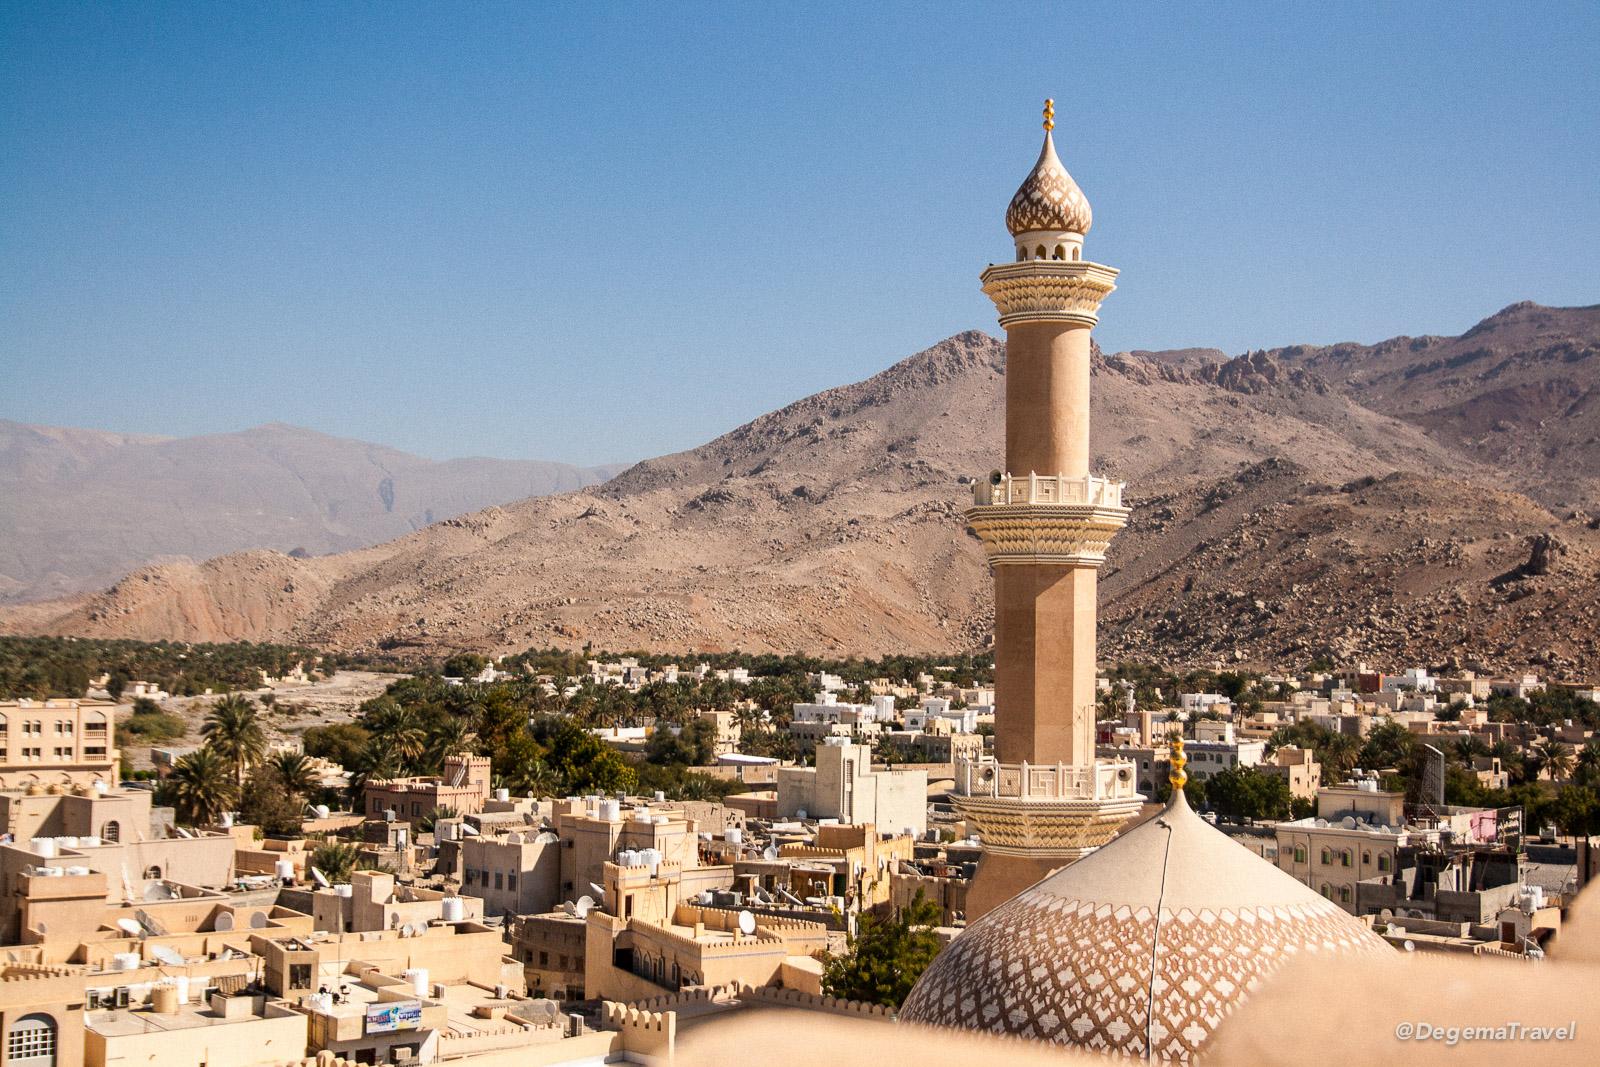 Nizwa Souk from the walls of Nizwa Fort, Oman